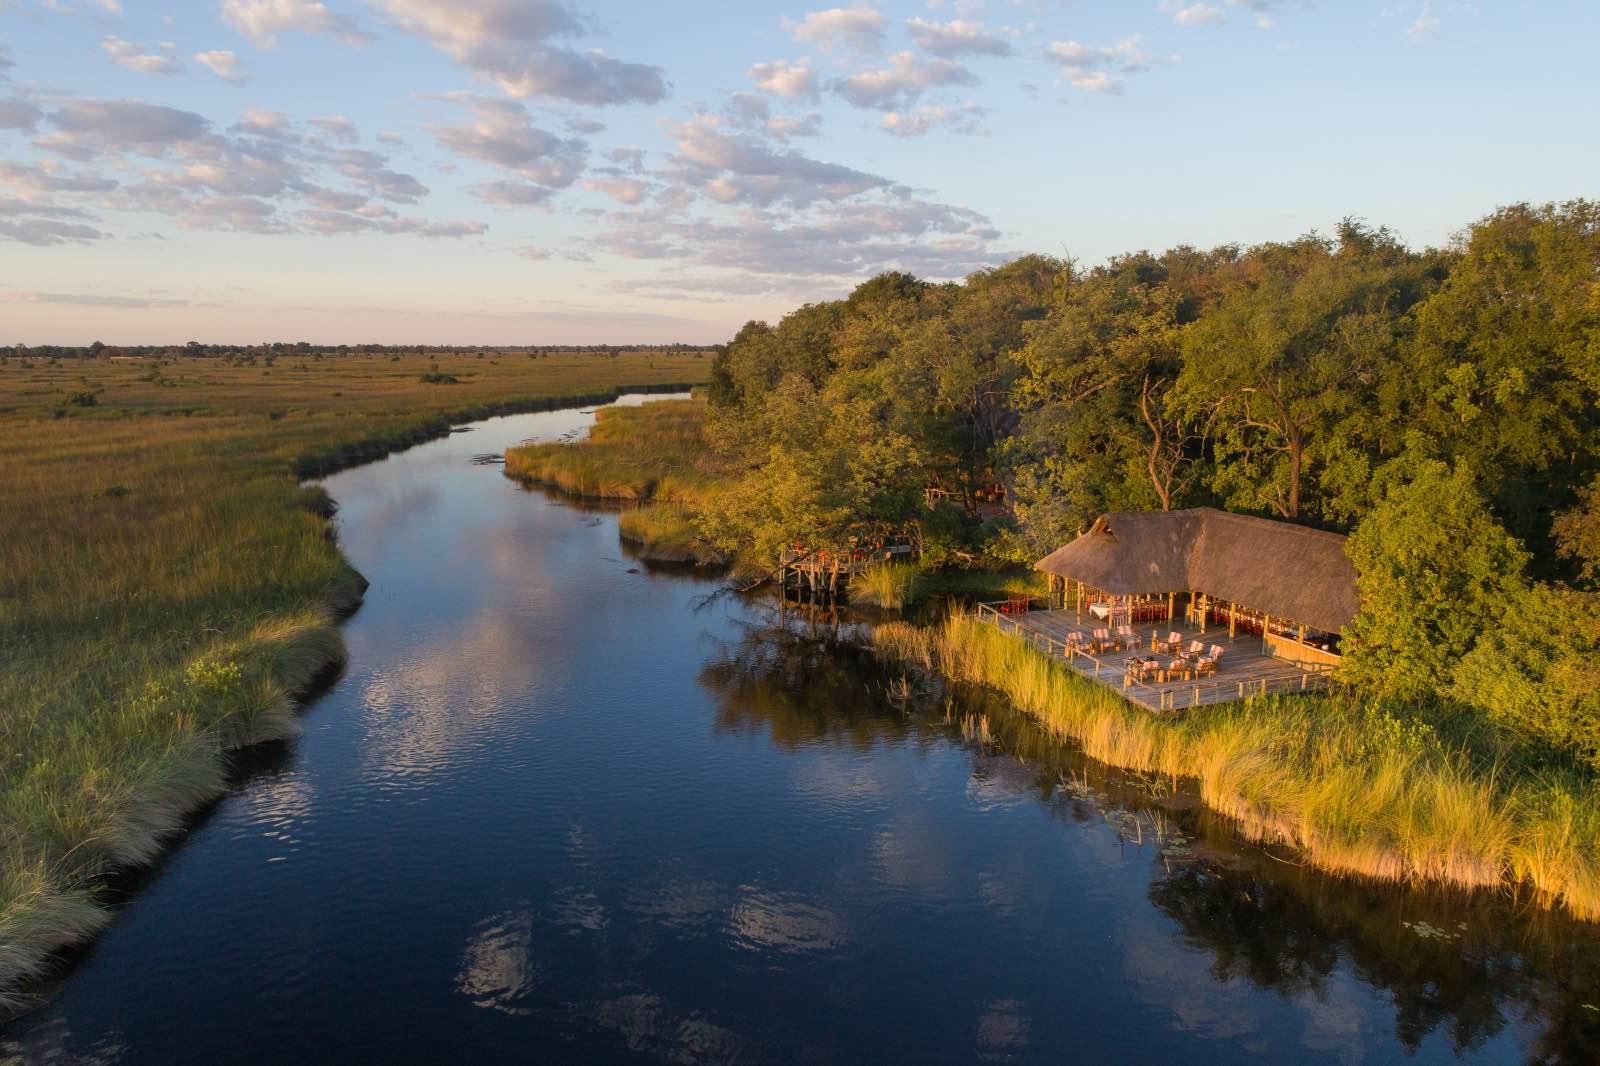 Camp Xakanaxa located on the Khwai River